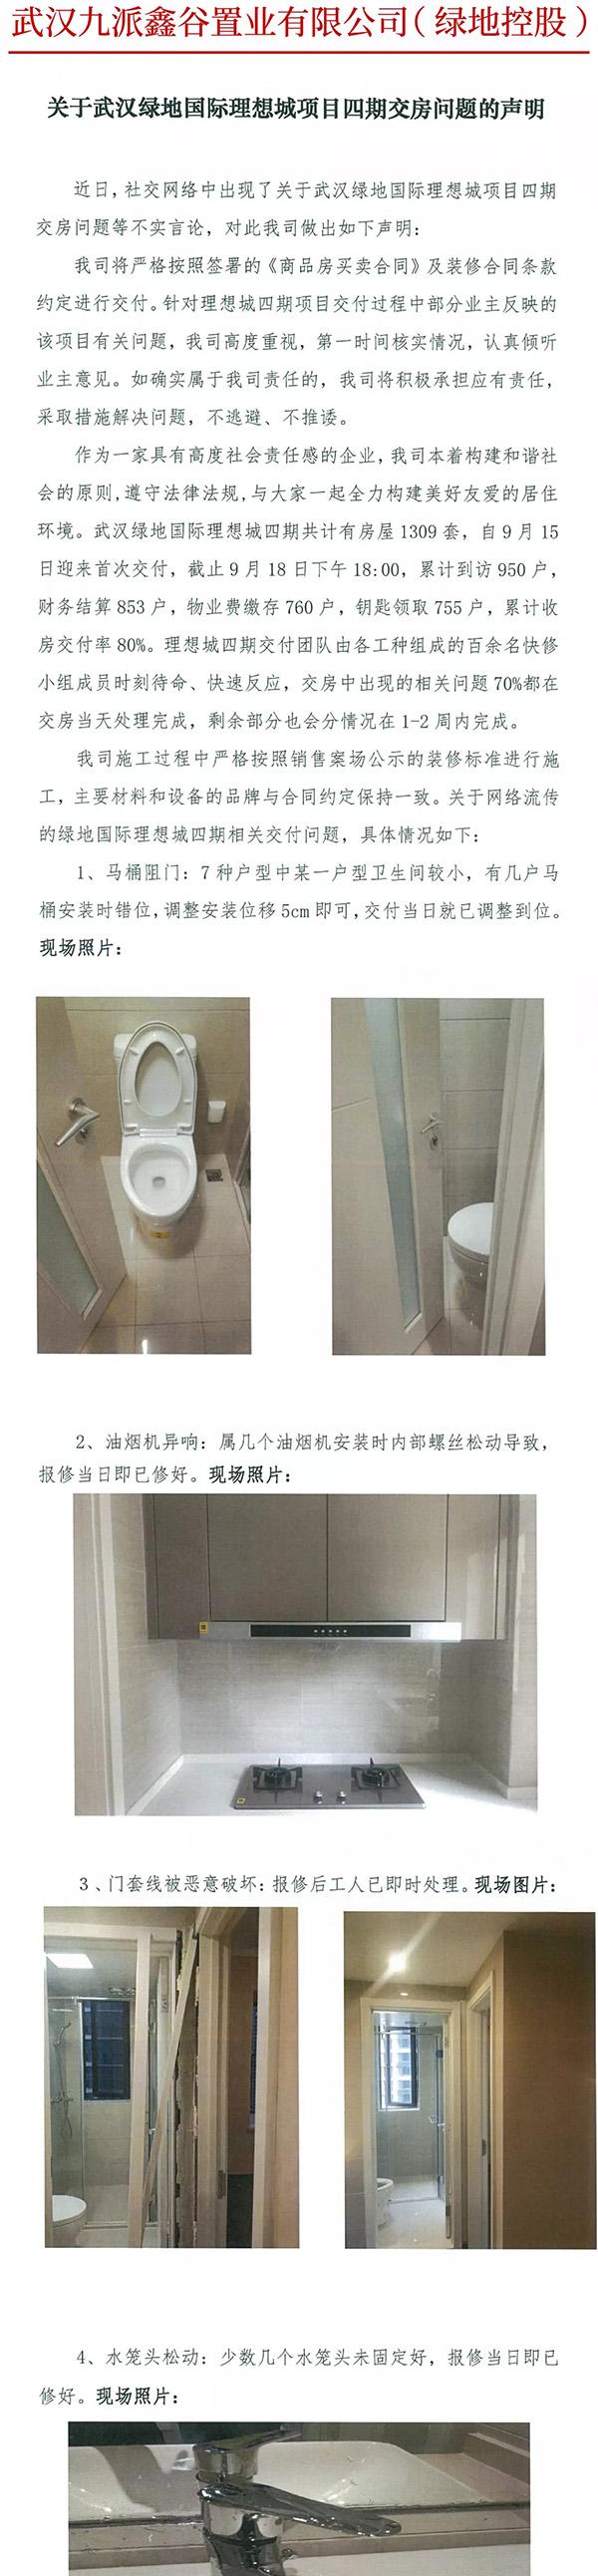 """绿地地产武汉公司回应""""新房马桶阻门"""":安装错位,已解决"""